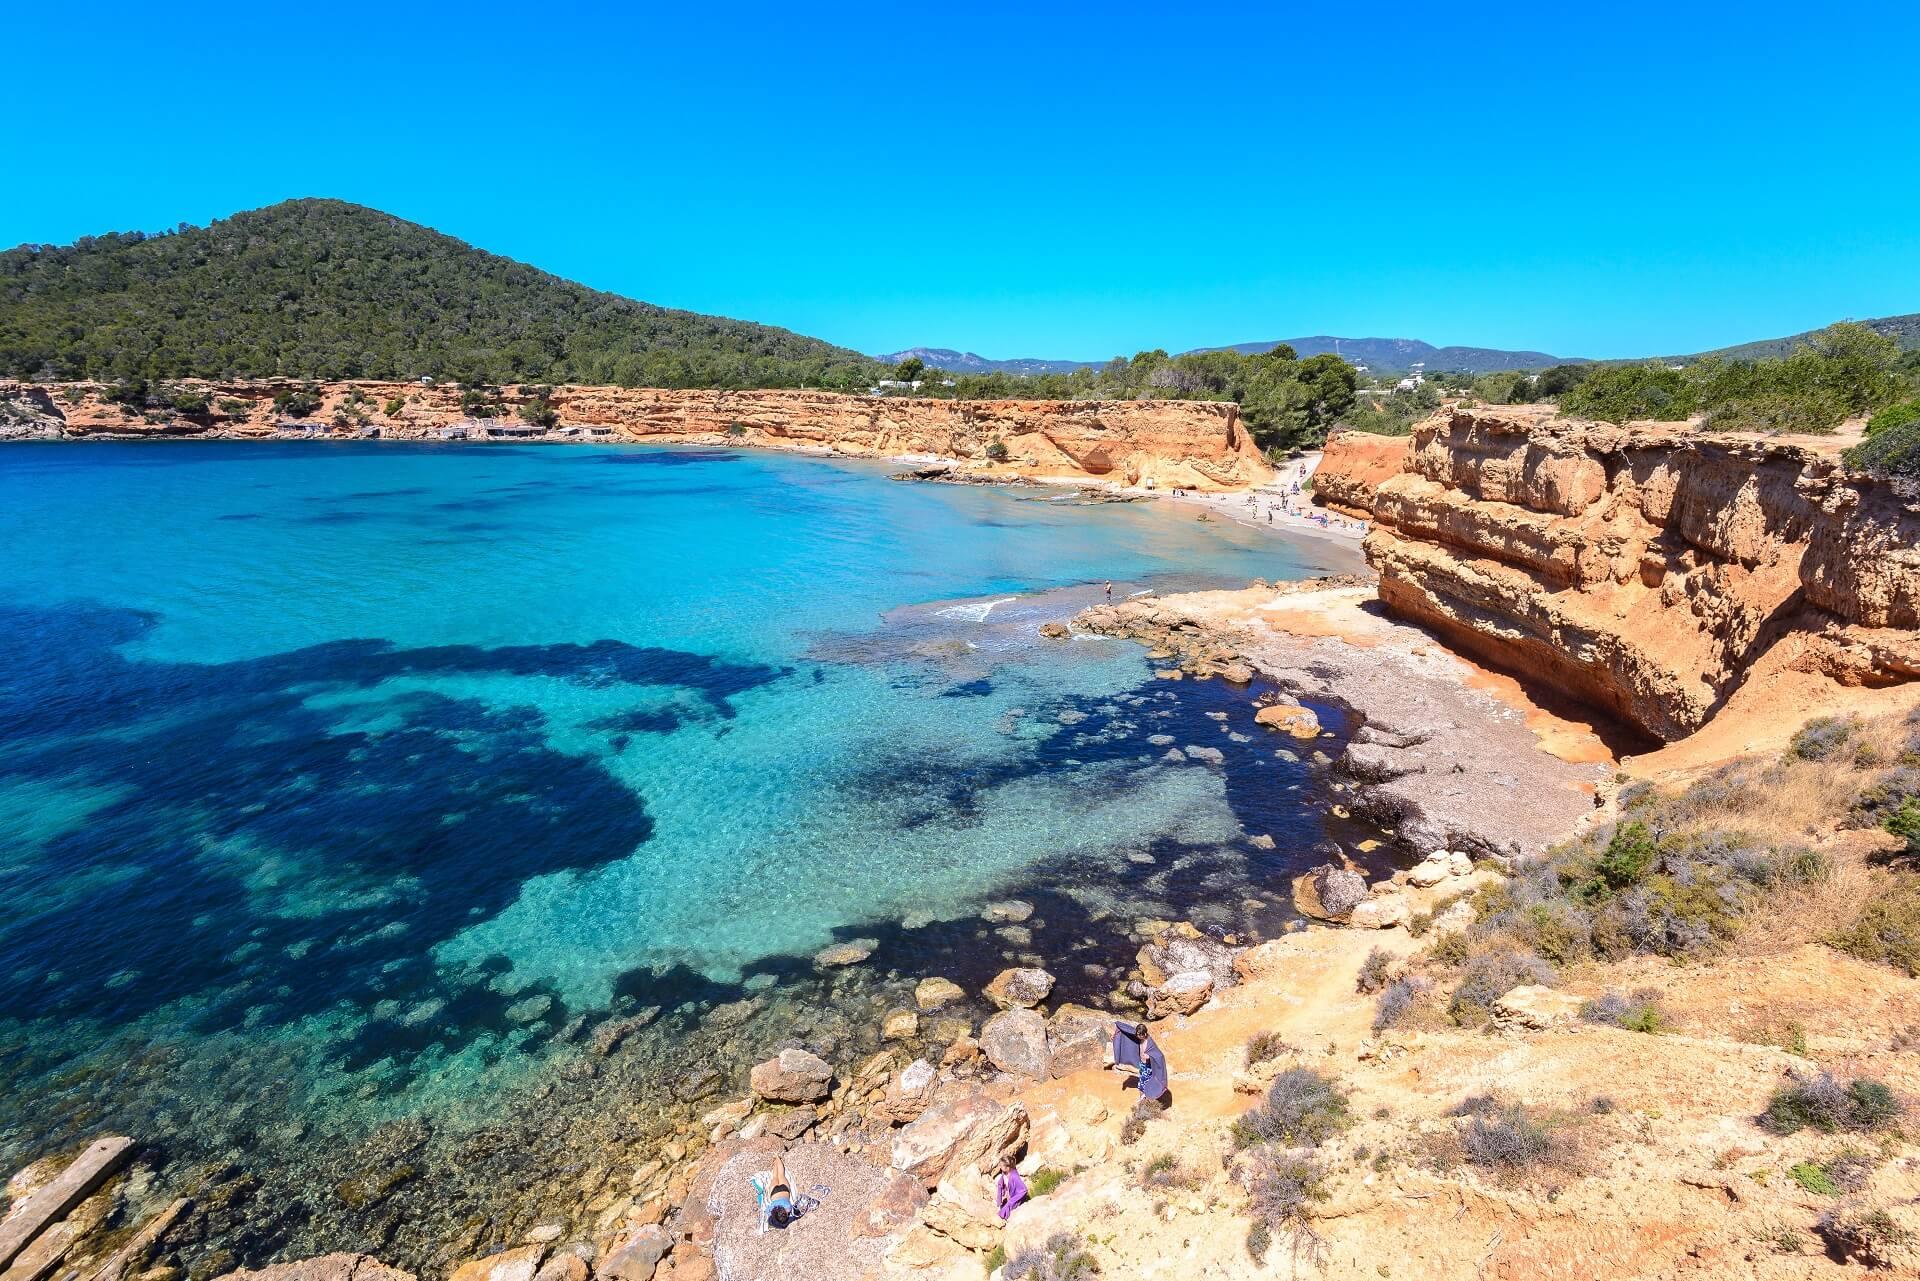 Der Strand Sa Caleta zählt zu den schönsten Stränden auf Ibiza